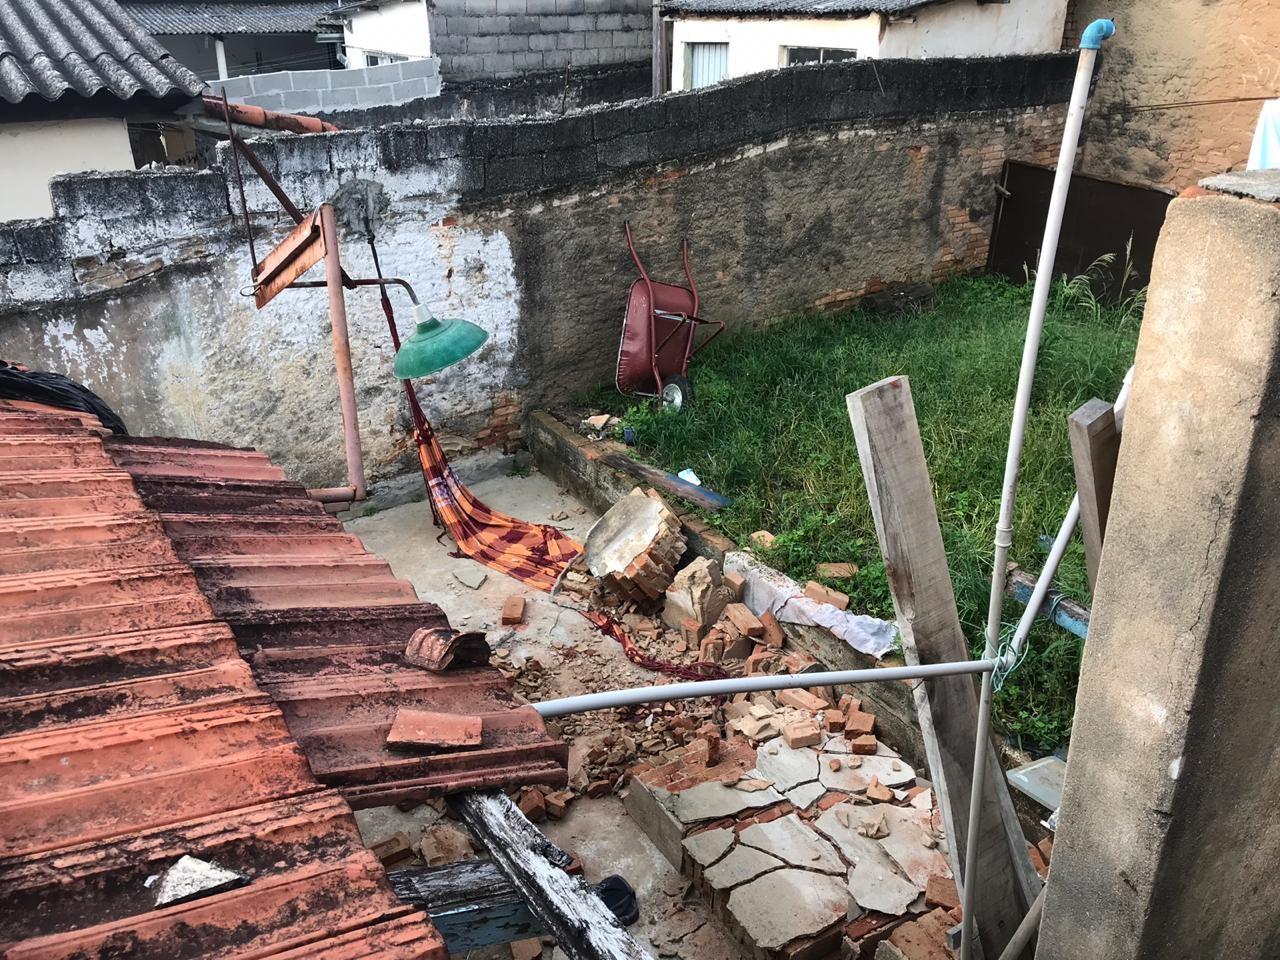 Muro desaba e mata criança de 5 anos que brincava em rede em São José, SP - Noticias